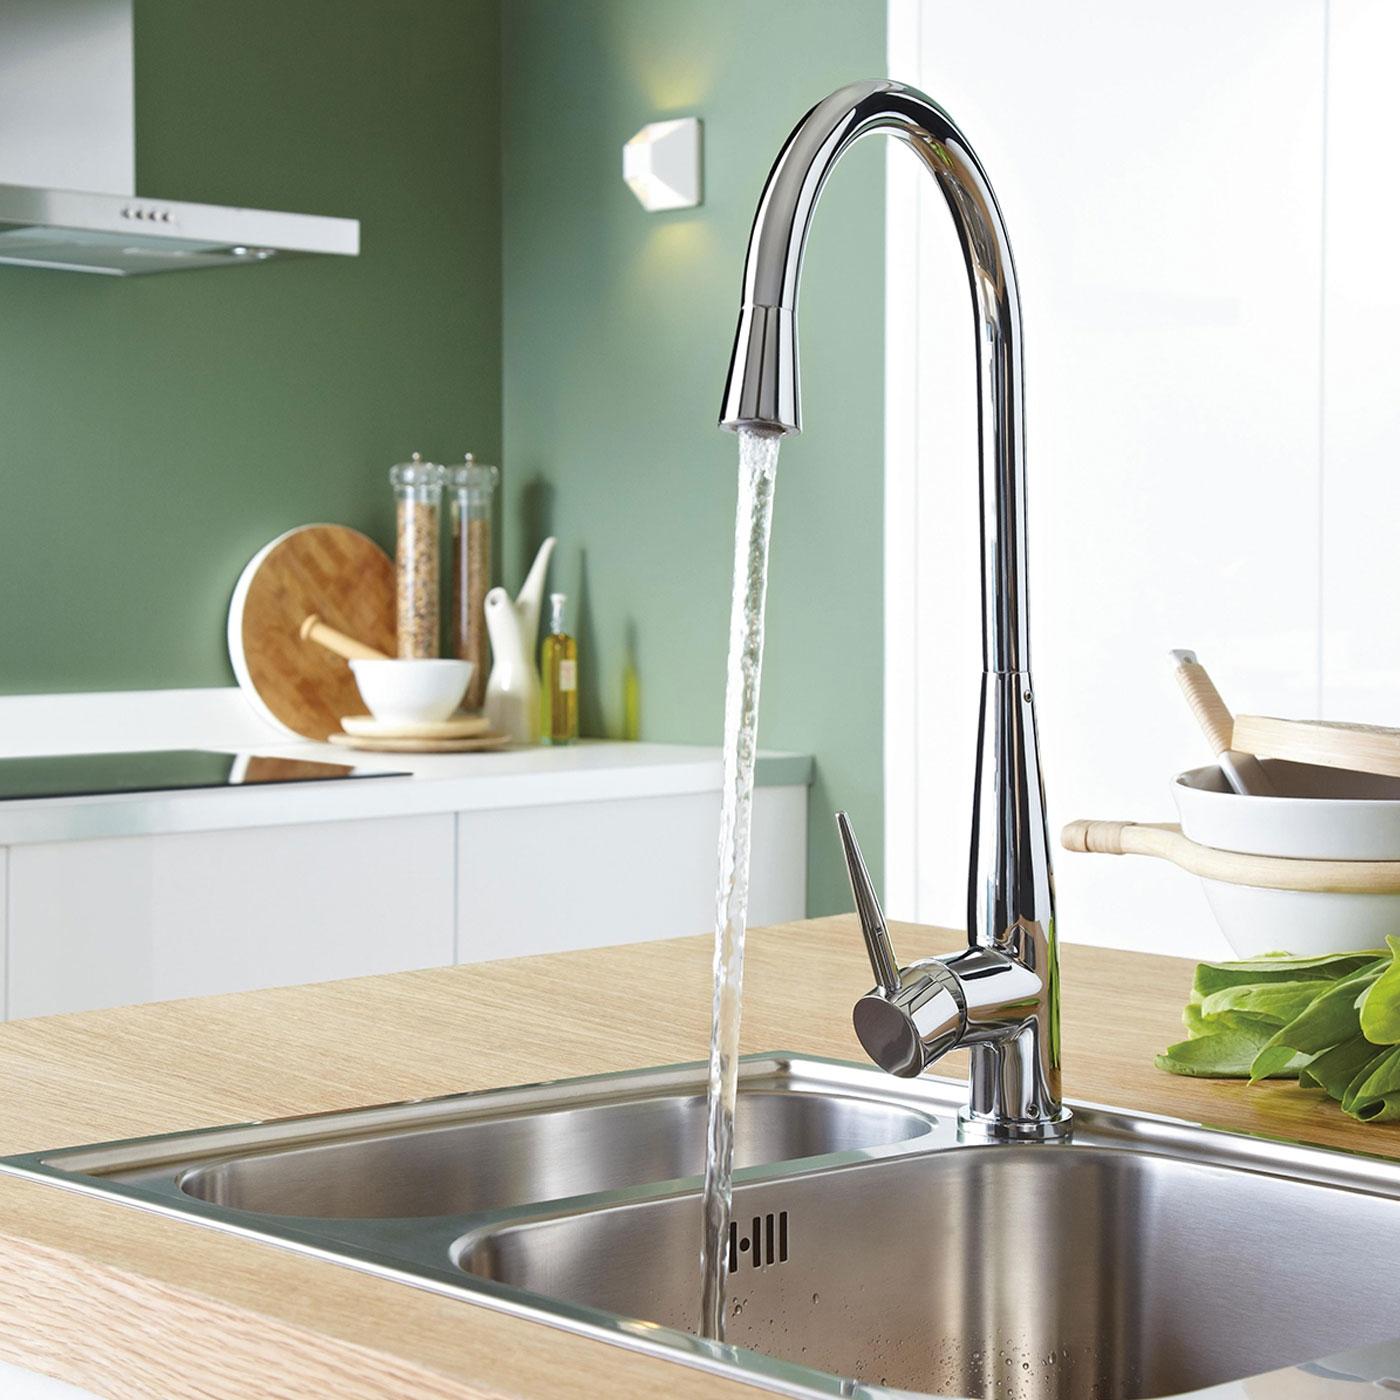 Bristan Champagne EasyFit Mono Kitchen Sink Mixer Tap, Single Handle, Chrome-0